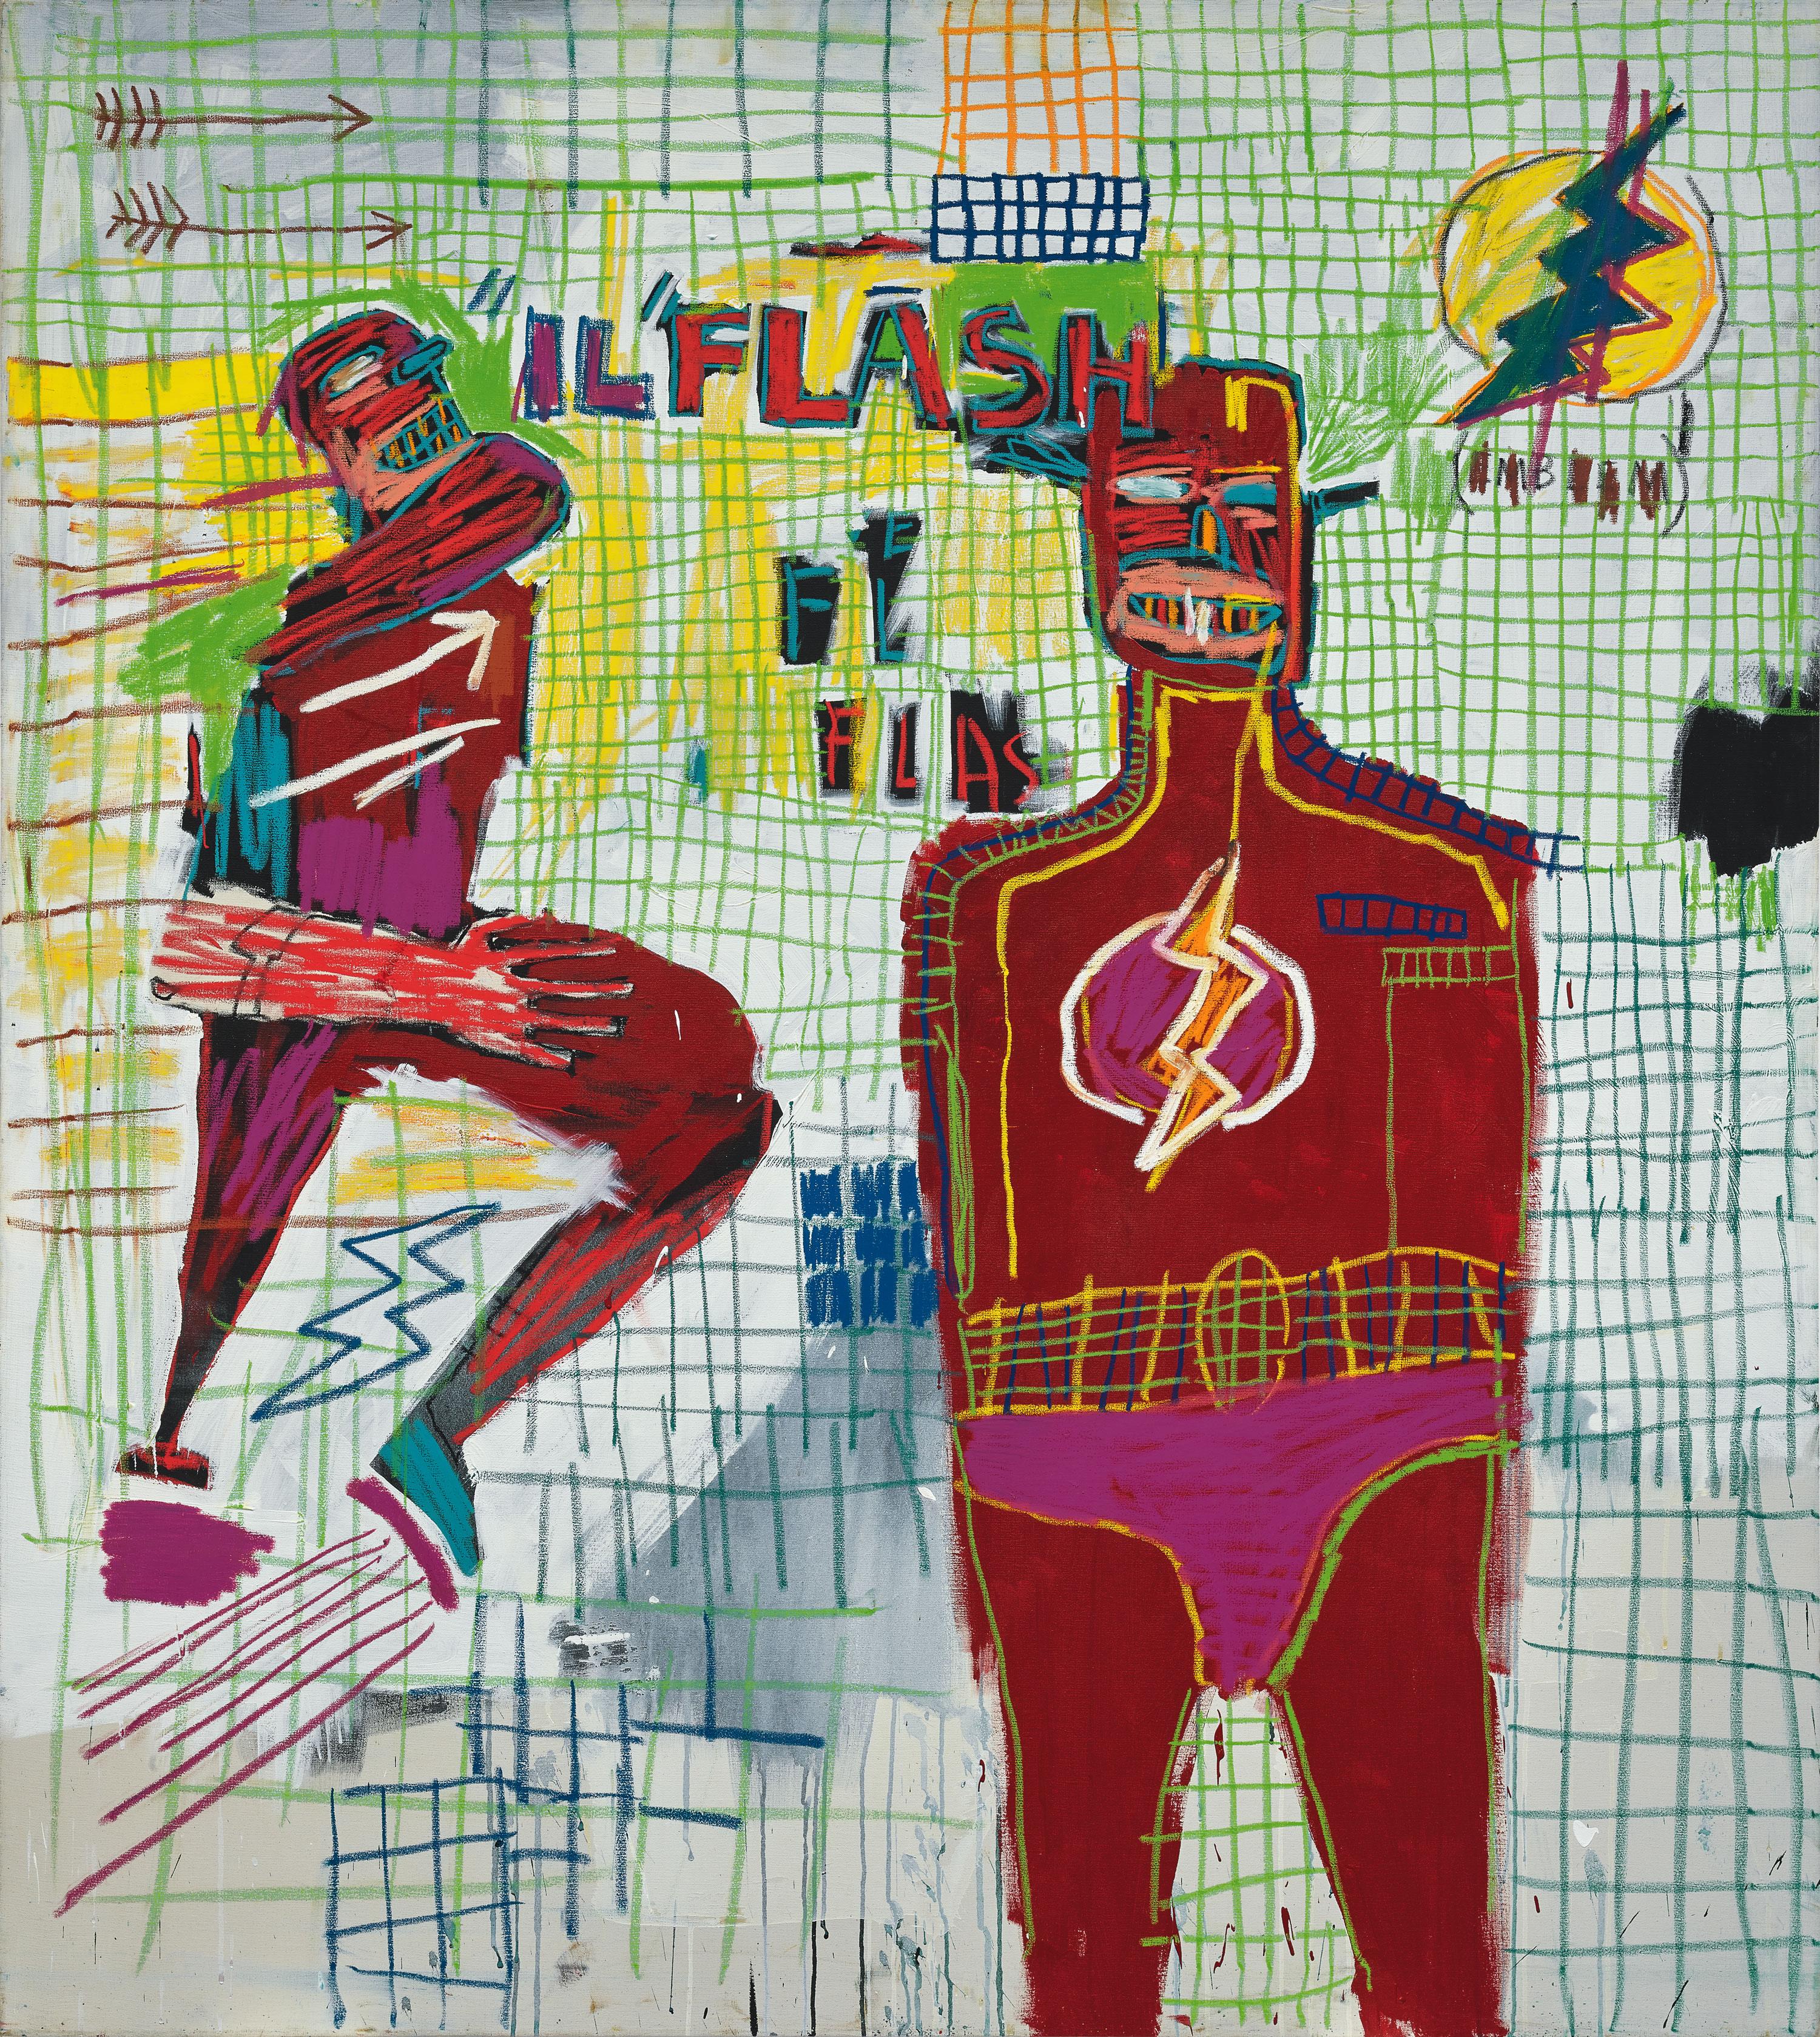 Flash em Napoles, 1983. Acrílico e tinta a óleo em bastão sobre tela. (© The Estate of Jean-Michel Basquiat. Licensed by Artestar, New York/Divulgação)